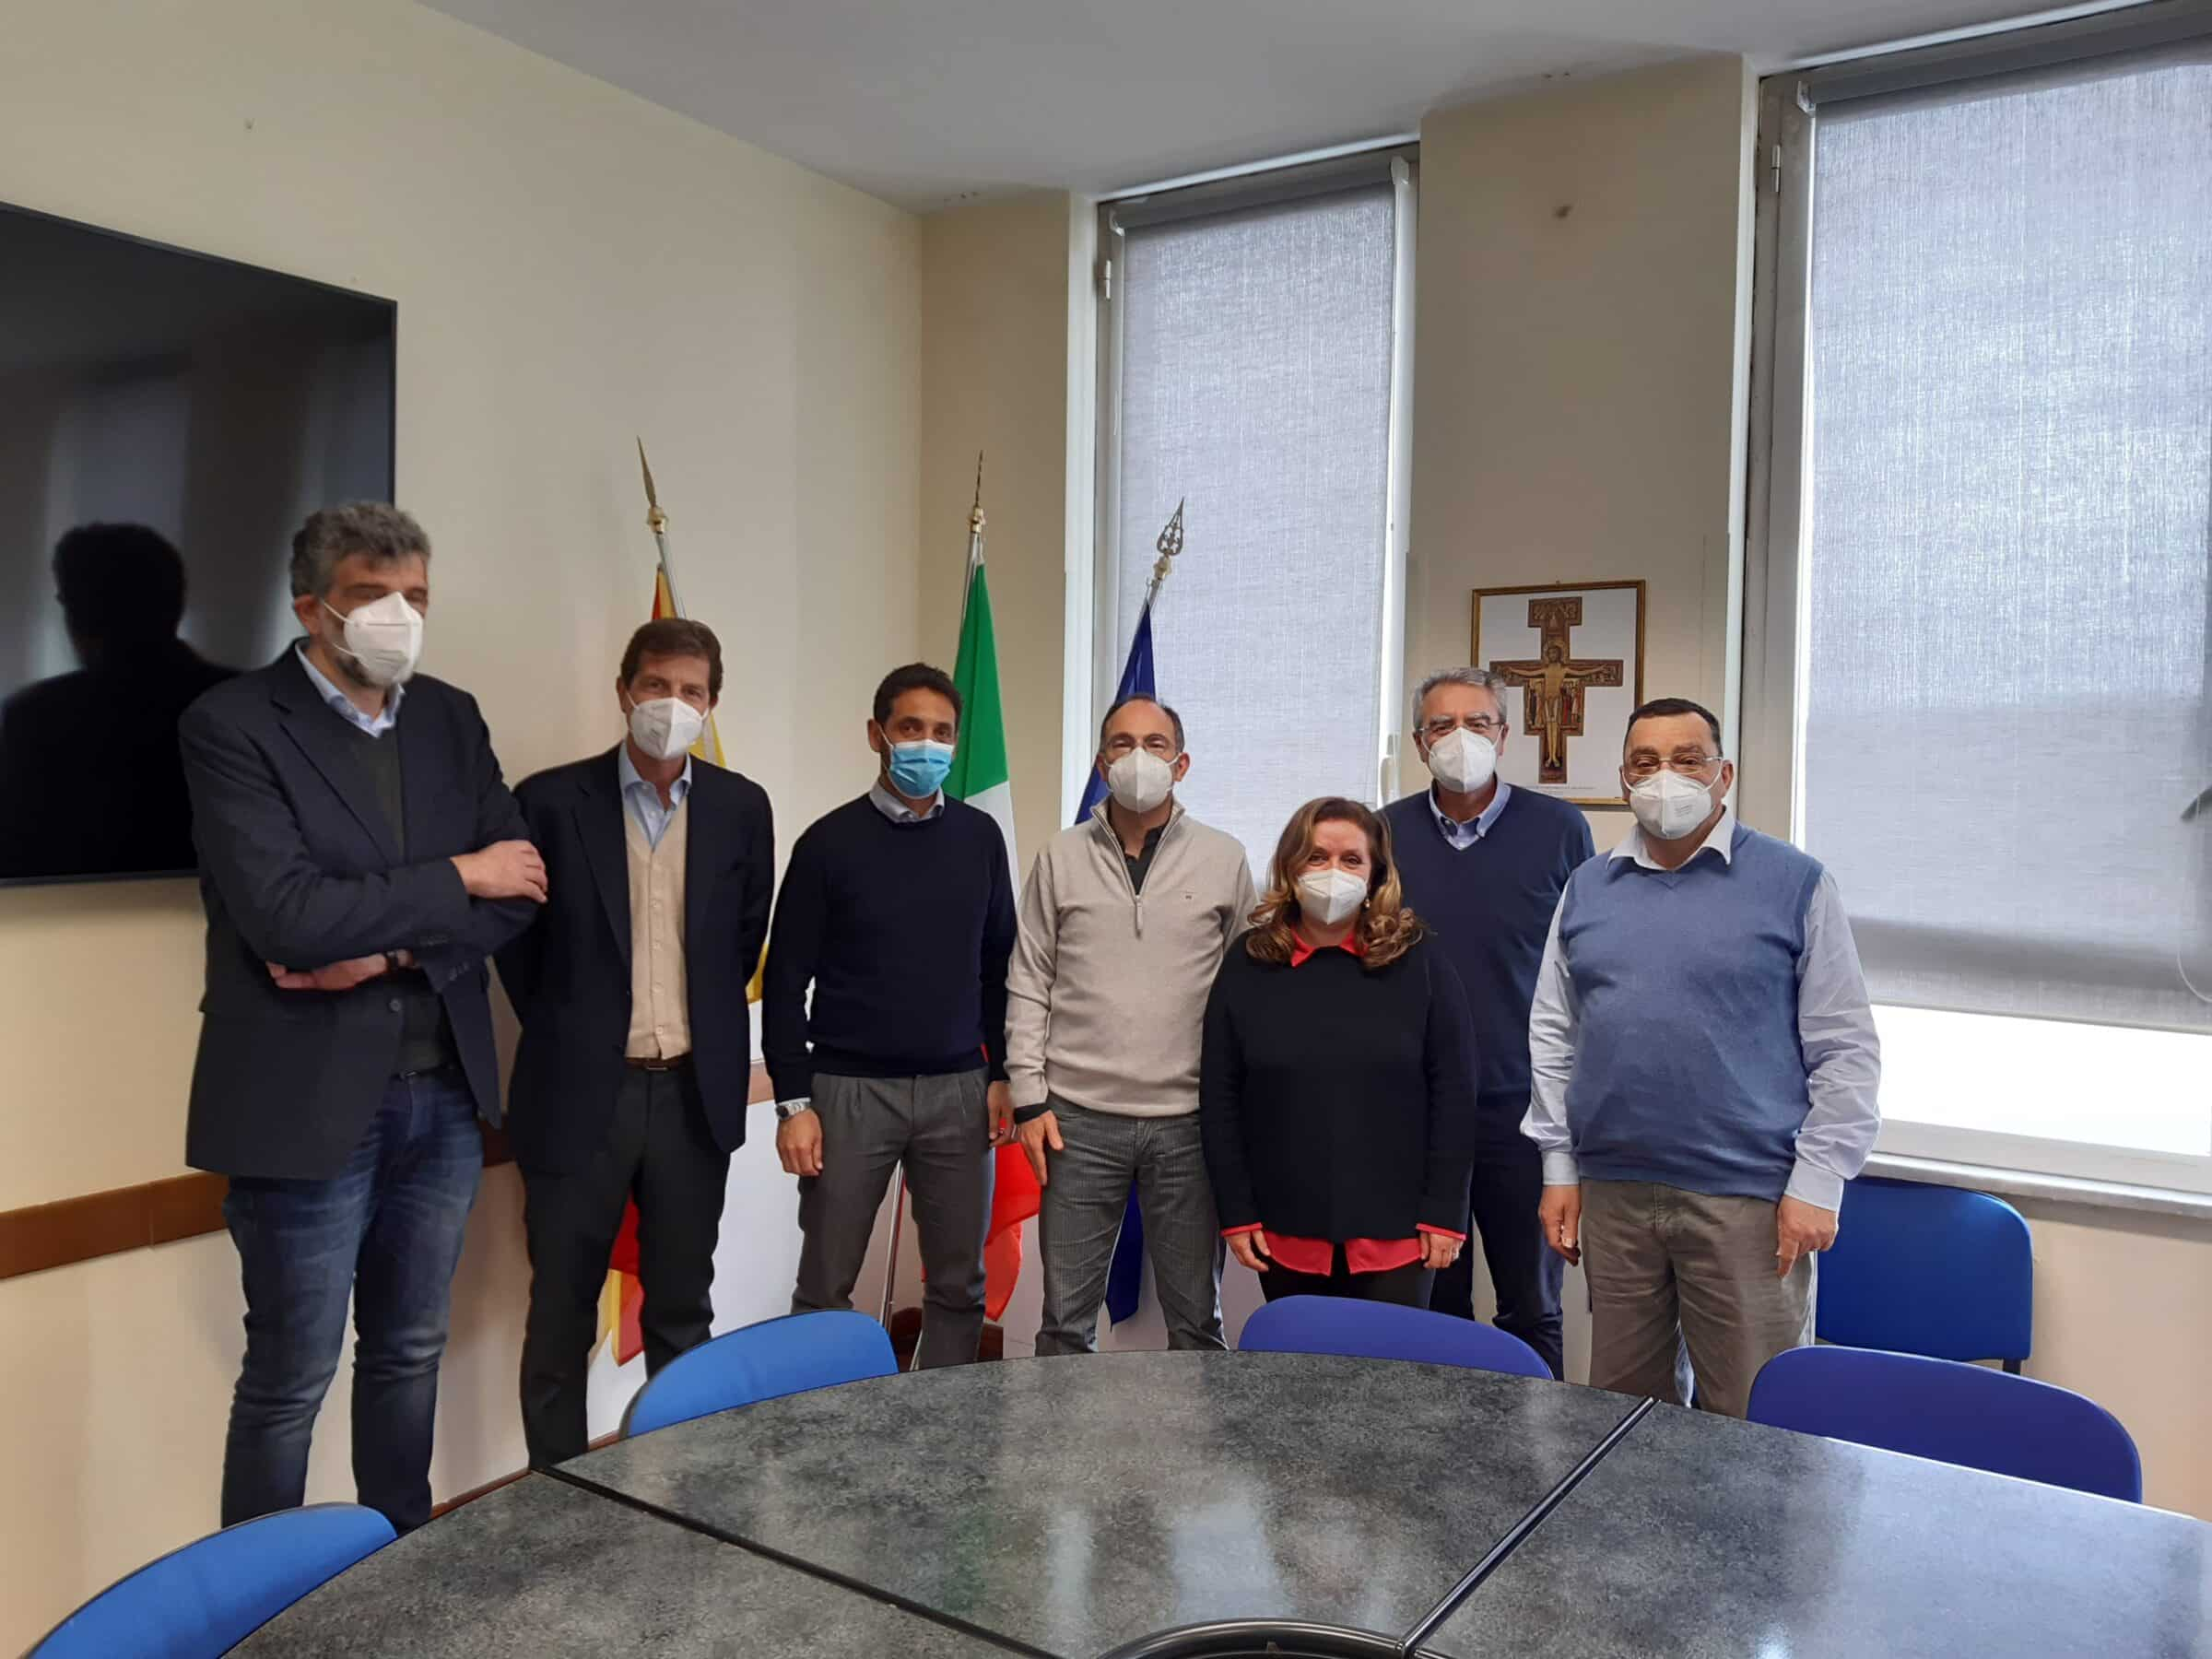 Covid Catania, accordo Asp-Aiop per somministrazione vaccini nelle case di cura